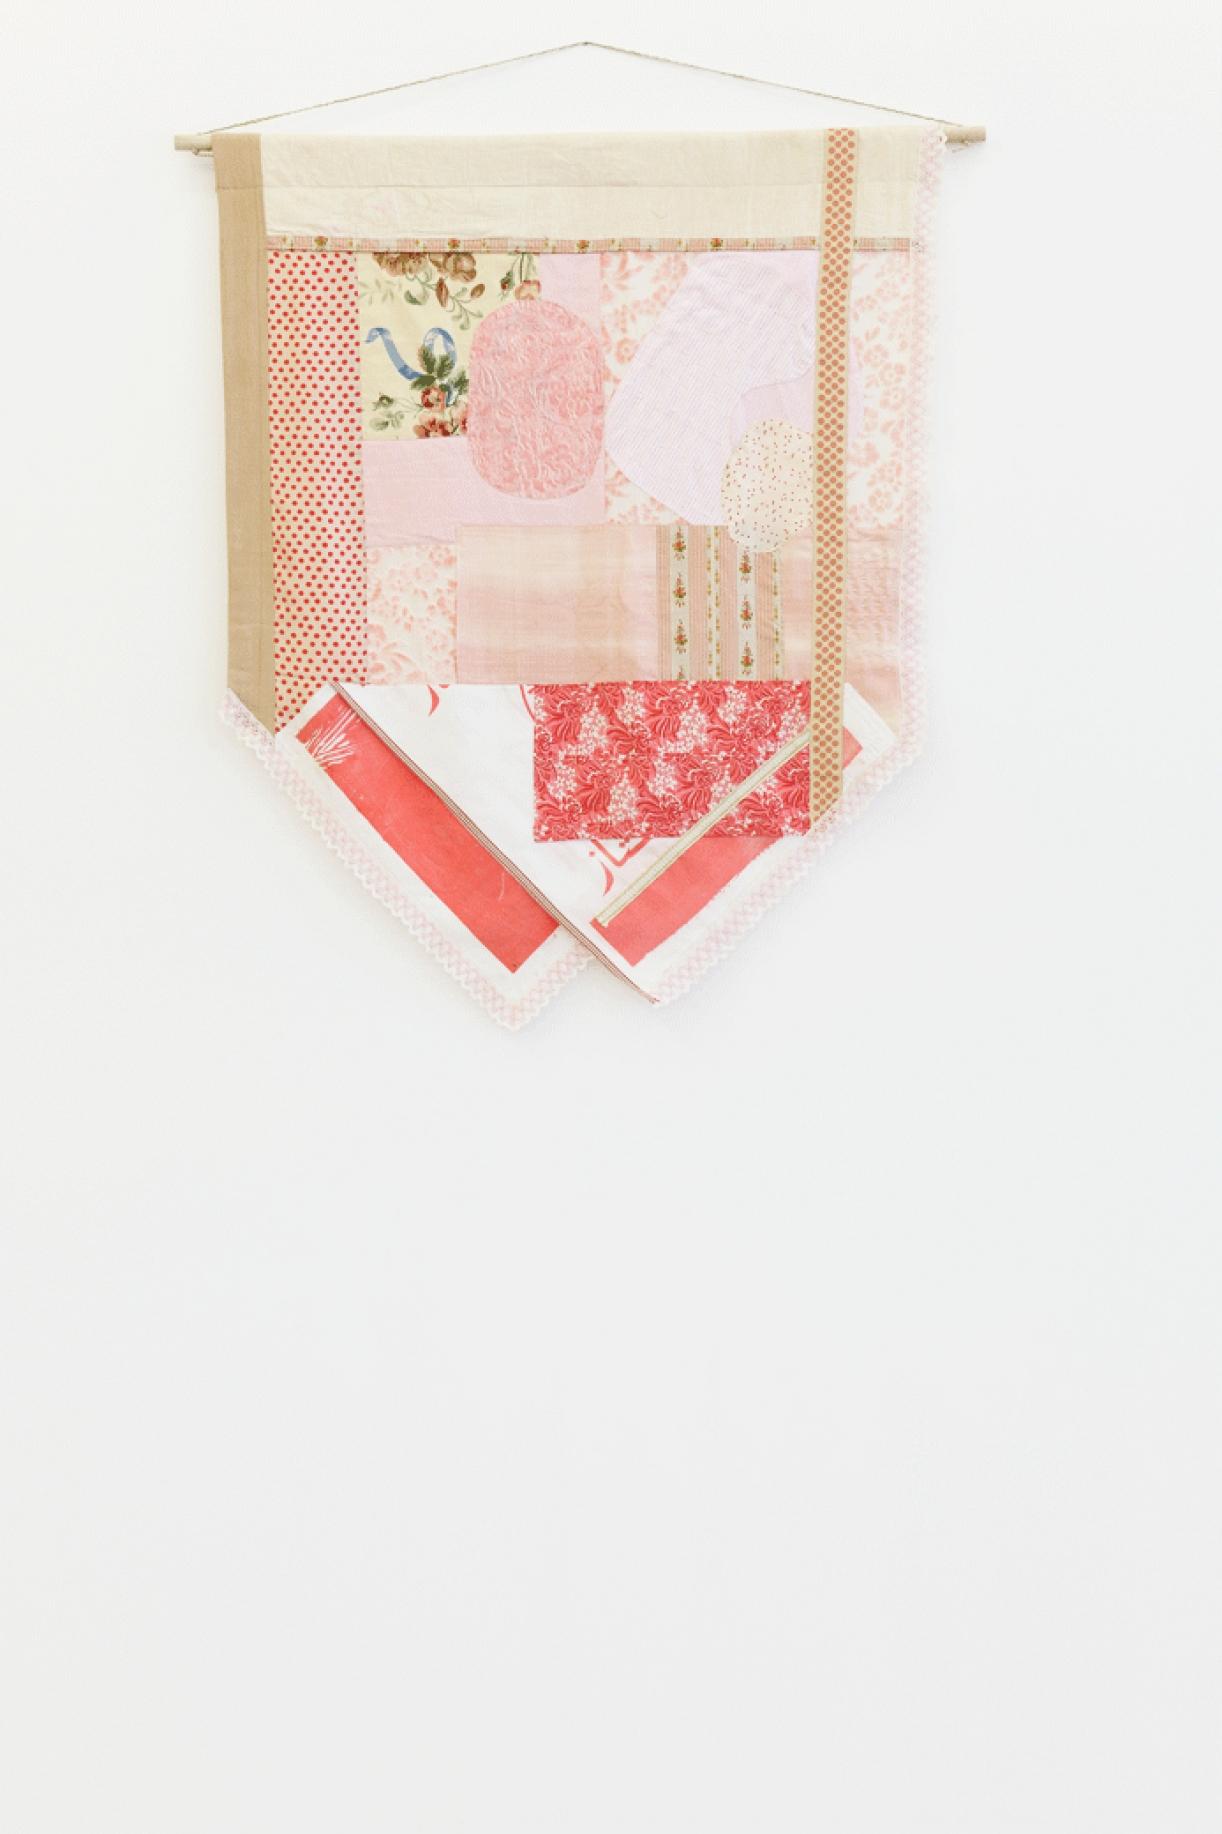 Majdoub Appliqué Flag #48 (La pelure est à présent un produit de luxe), 2016, 95 x 119 cm